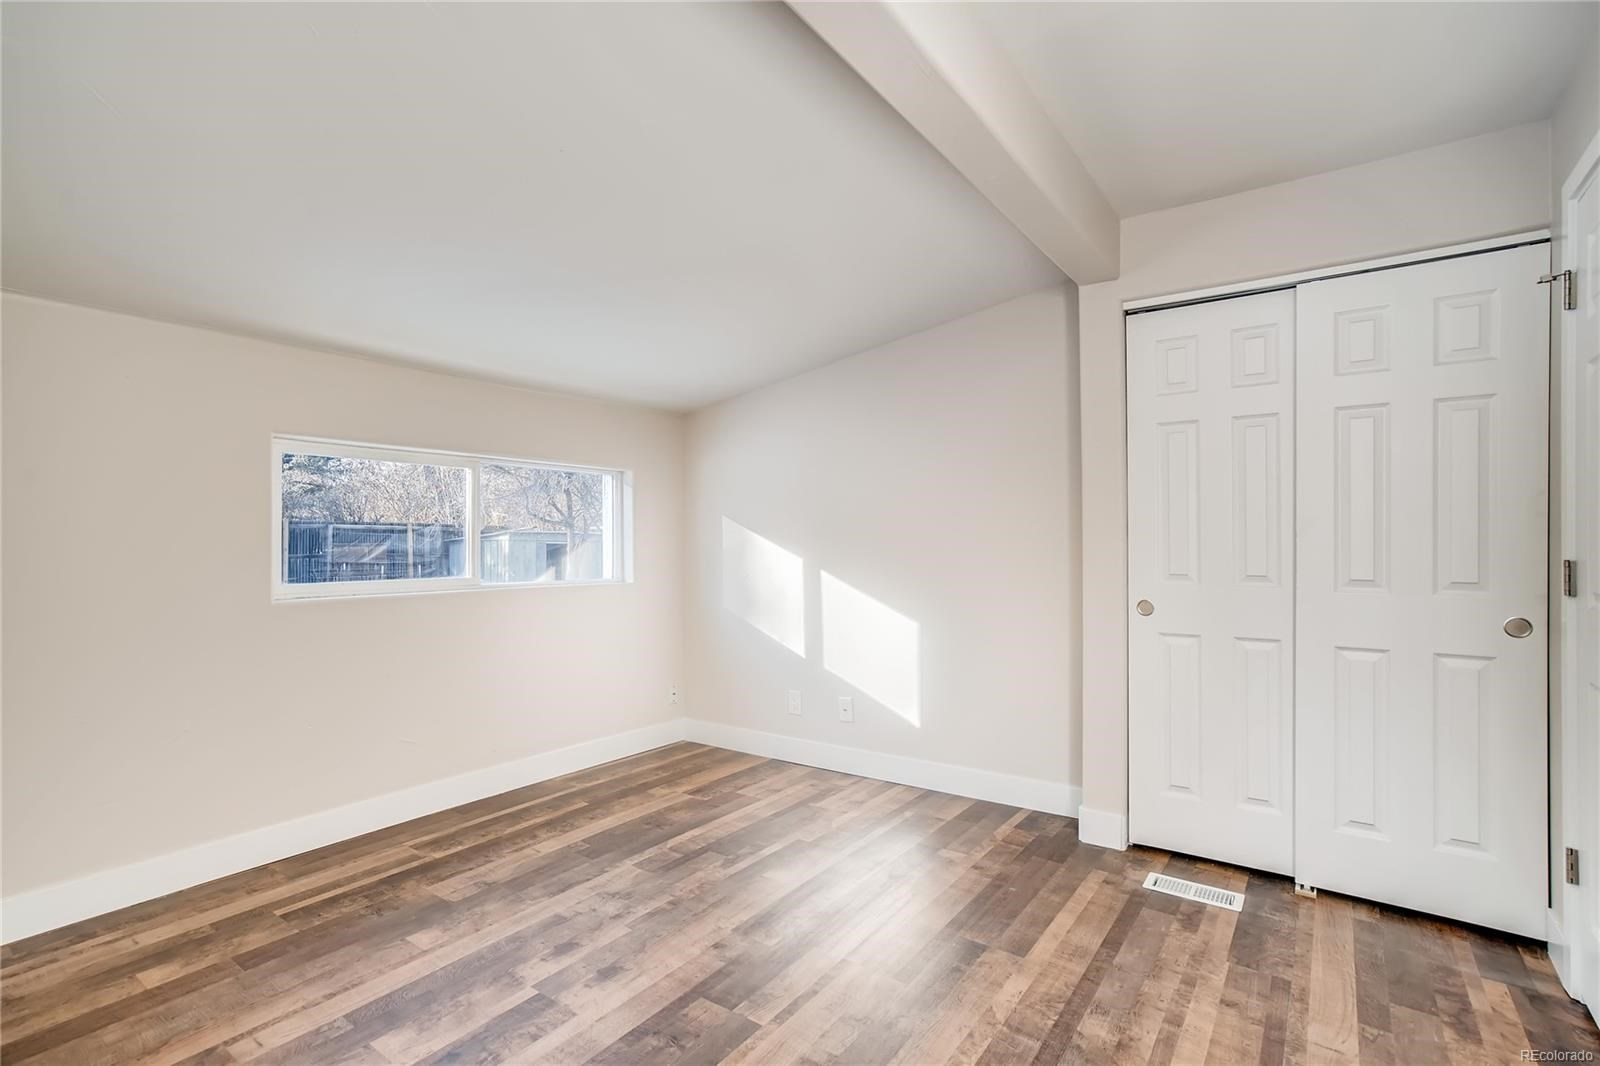 MLS# 2587731 - 22 - 565 Saulsbury Street, Lakewood, CO 80226